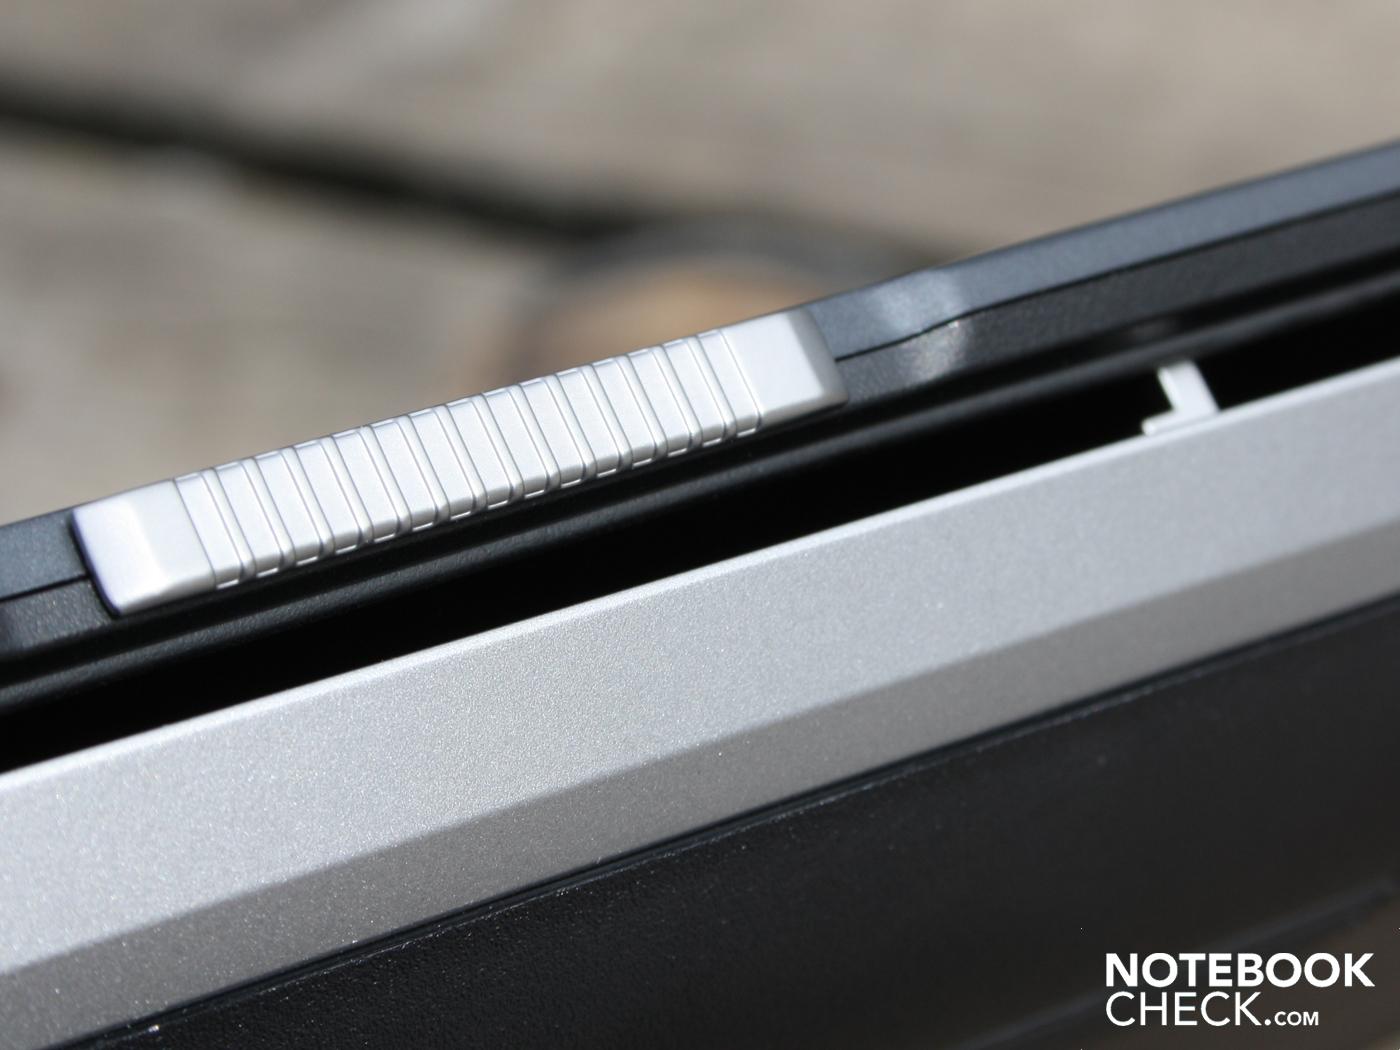 Обзор ноутбука Dell Latitude E5420 - Notebookcheck-ru com